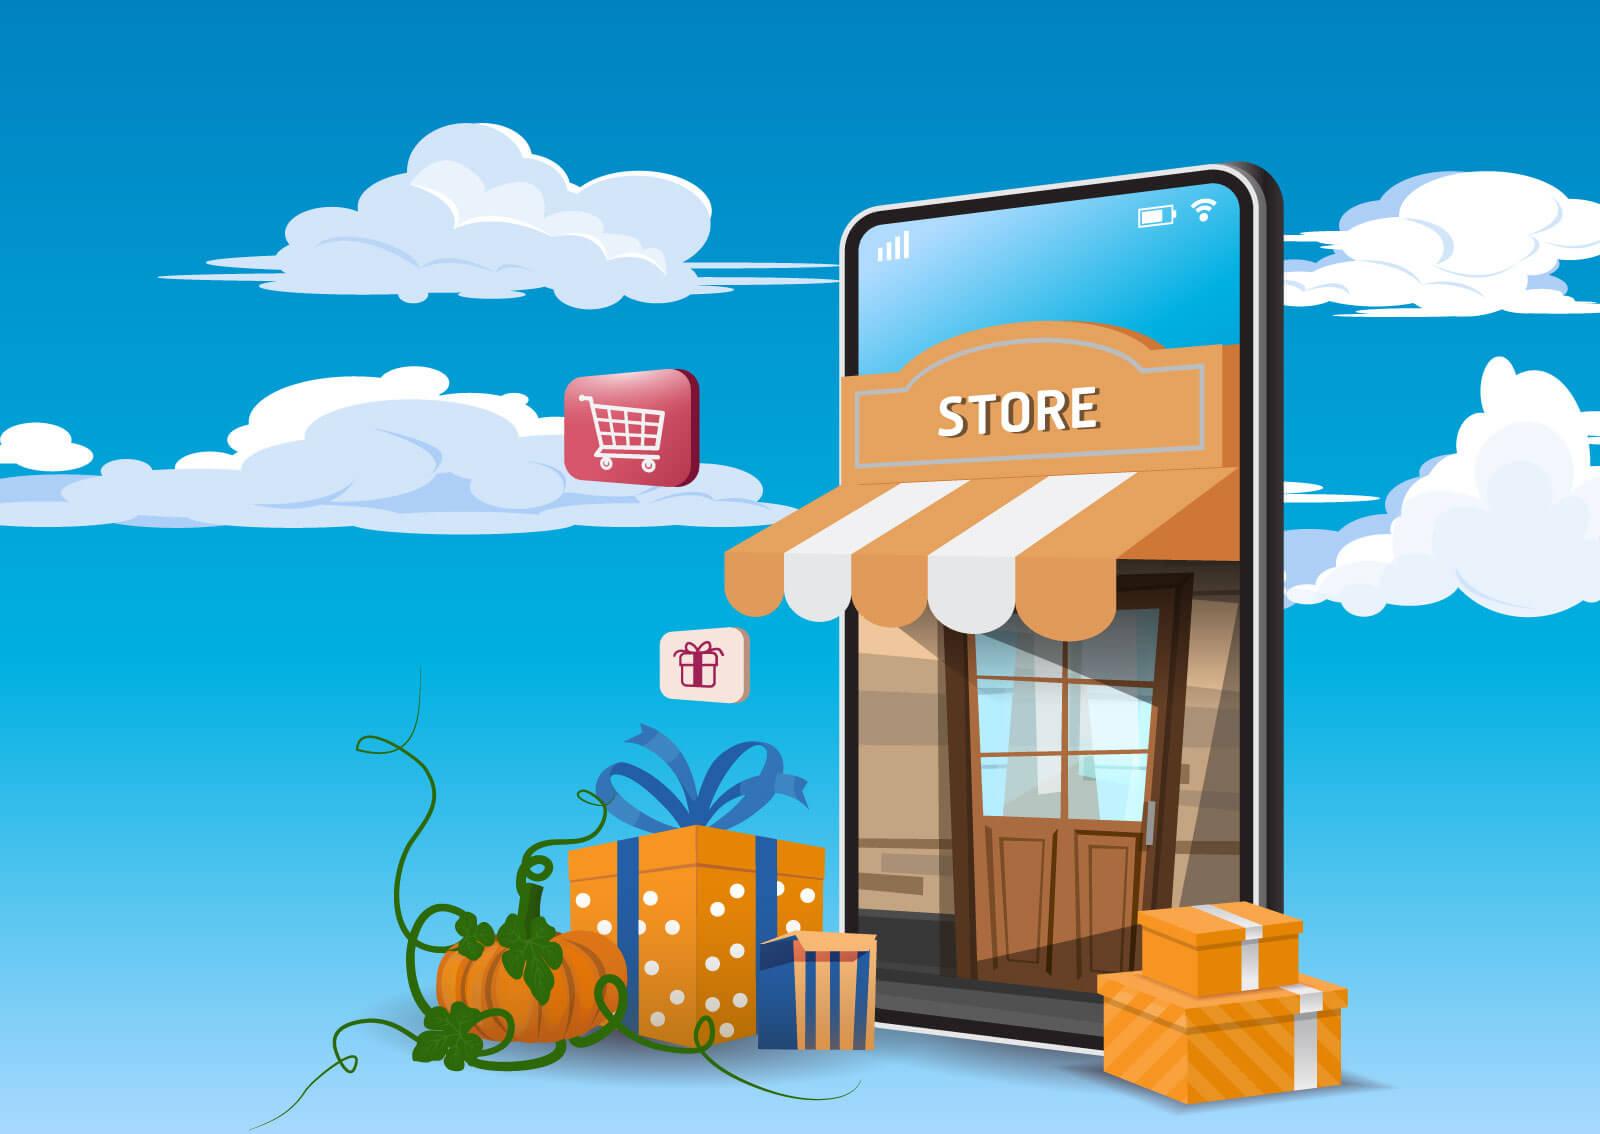 lustracija online prodavnice koja izlazi iz telefona i koja prikazuje koliko je jednostavno korišćenje e-commerce-a